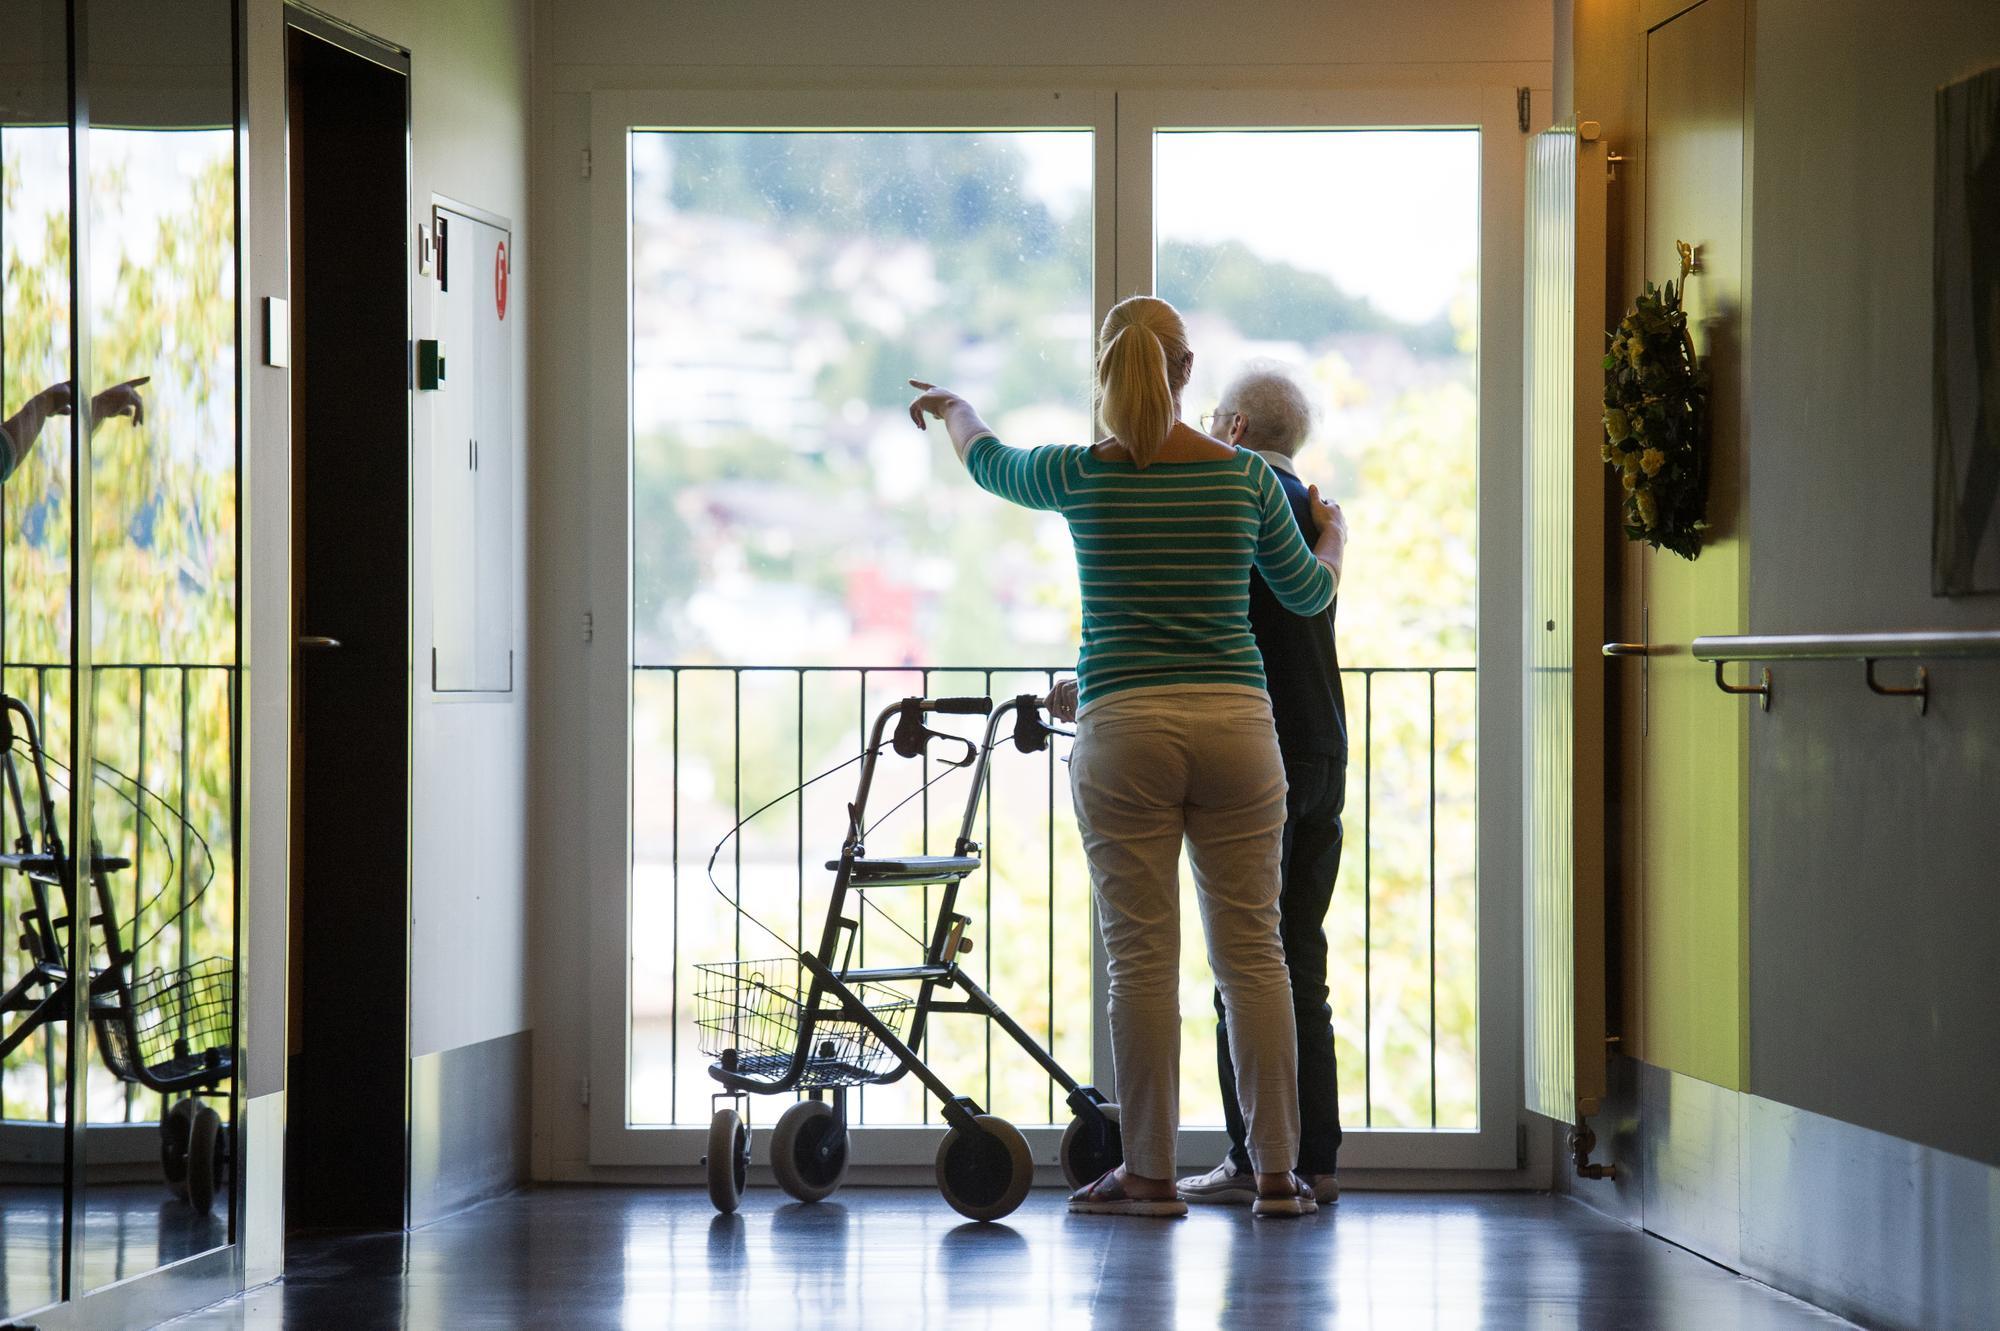 pflegeheime in der region luzern weniger bewohner und. Black Bedroom Furniture Sets. Home Design Ideas